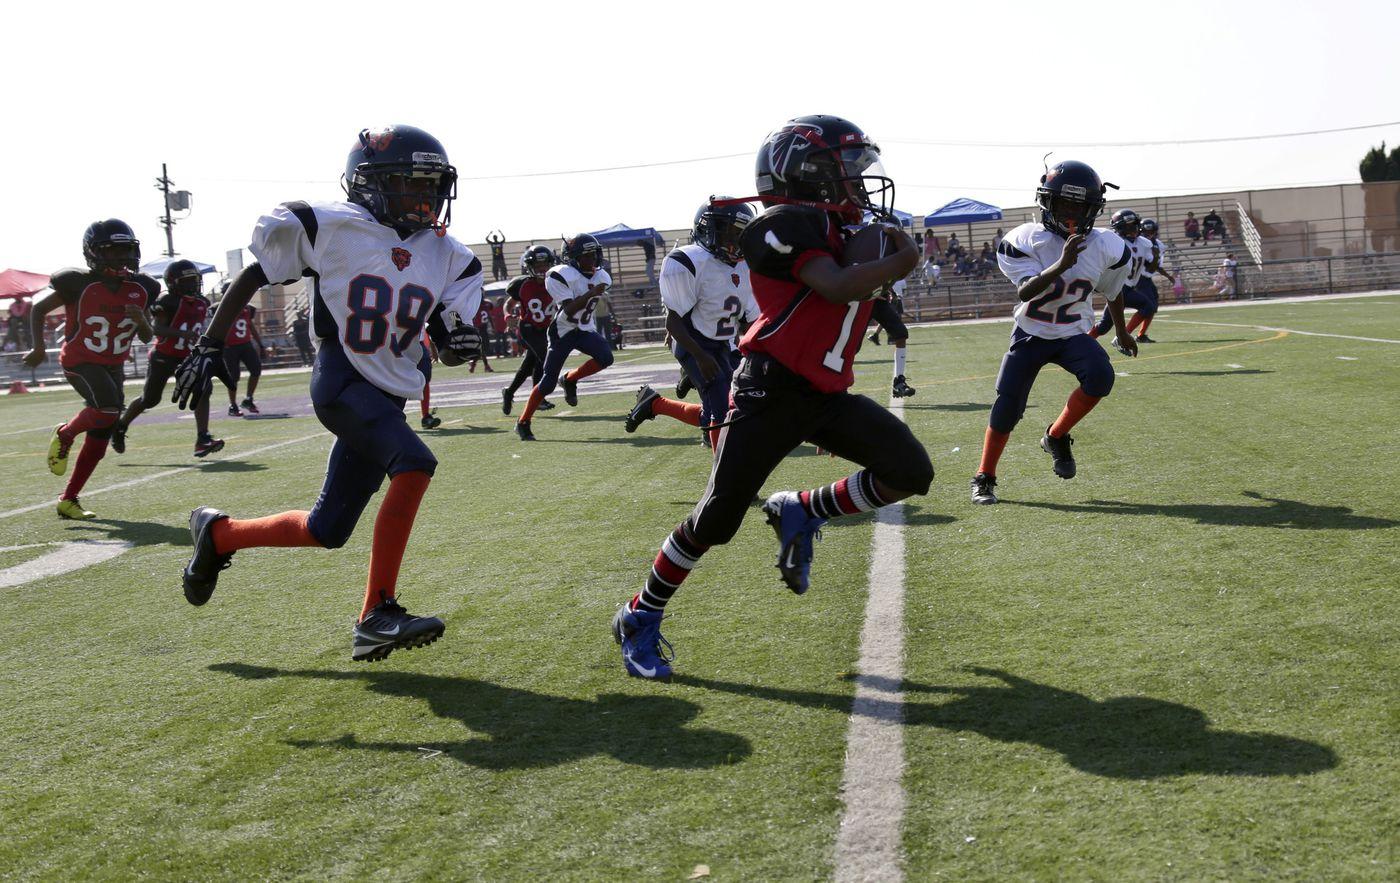 Projekt ustawy zakazującej grę w football dzieciom poniżej 12-lat